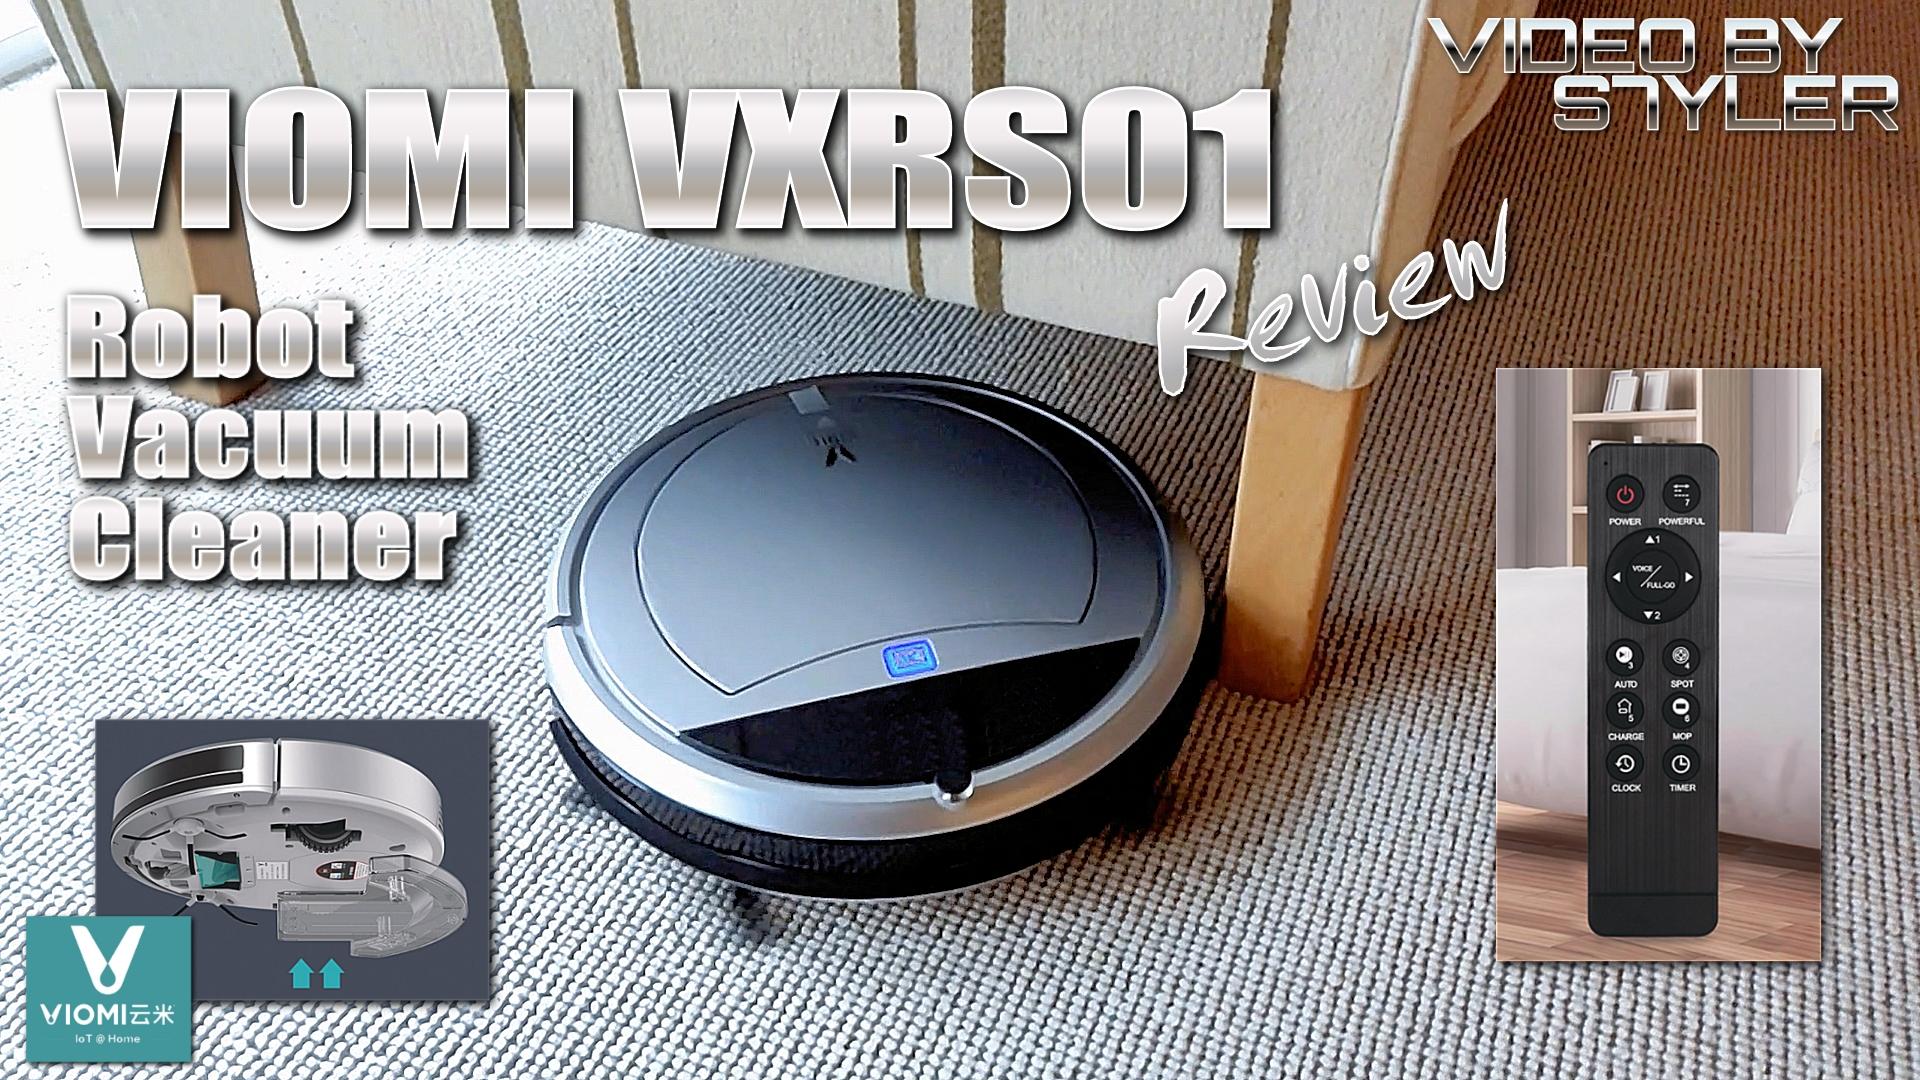 Viomi VXRS01.jpg